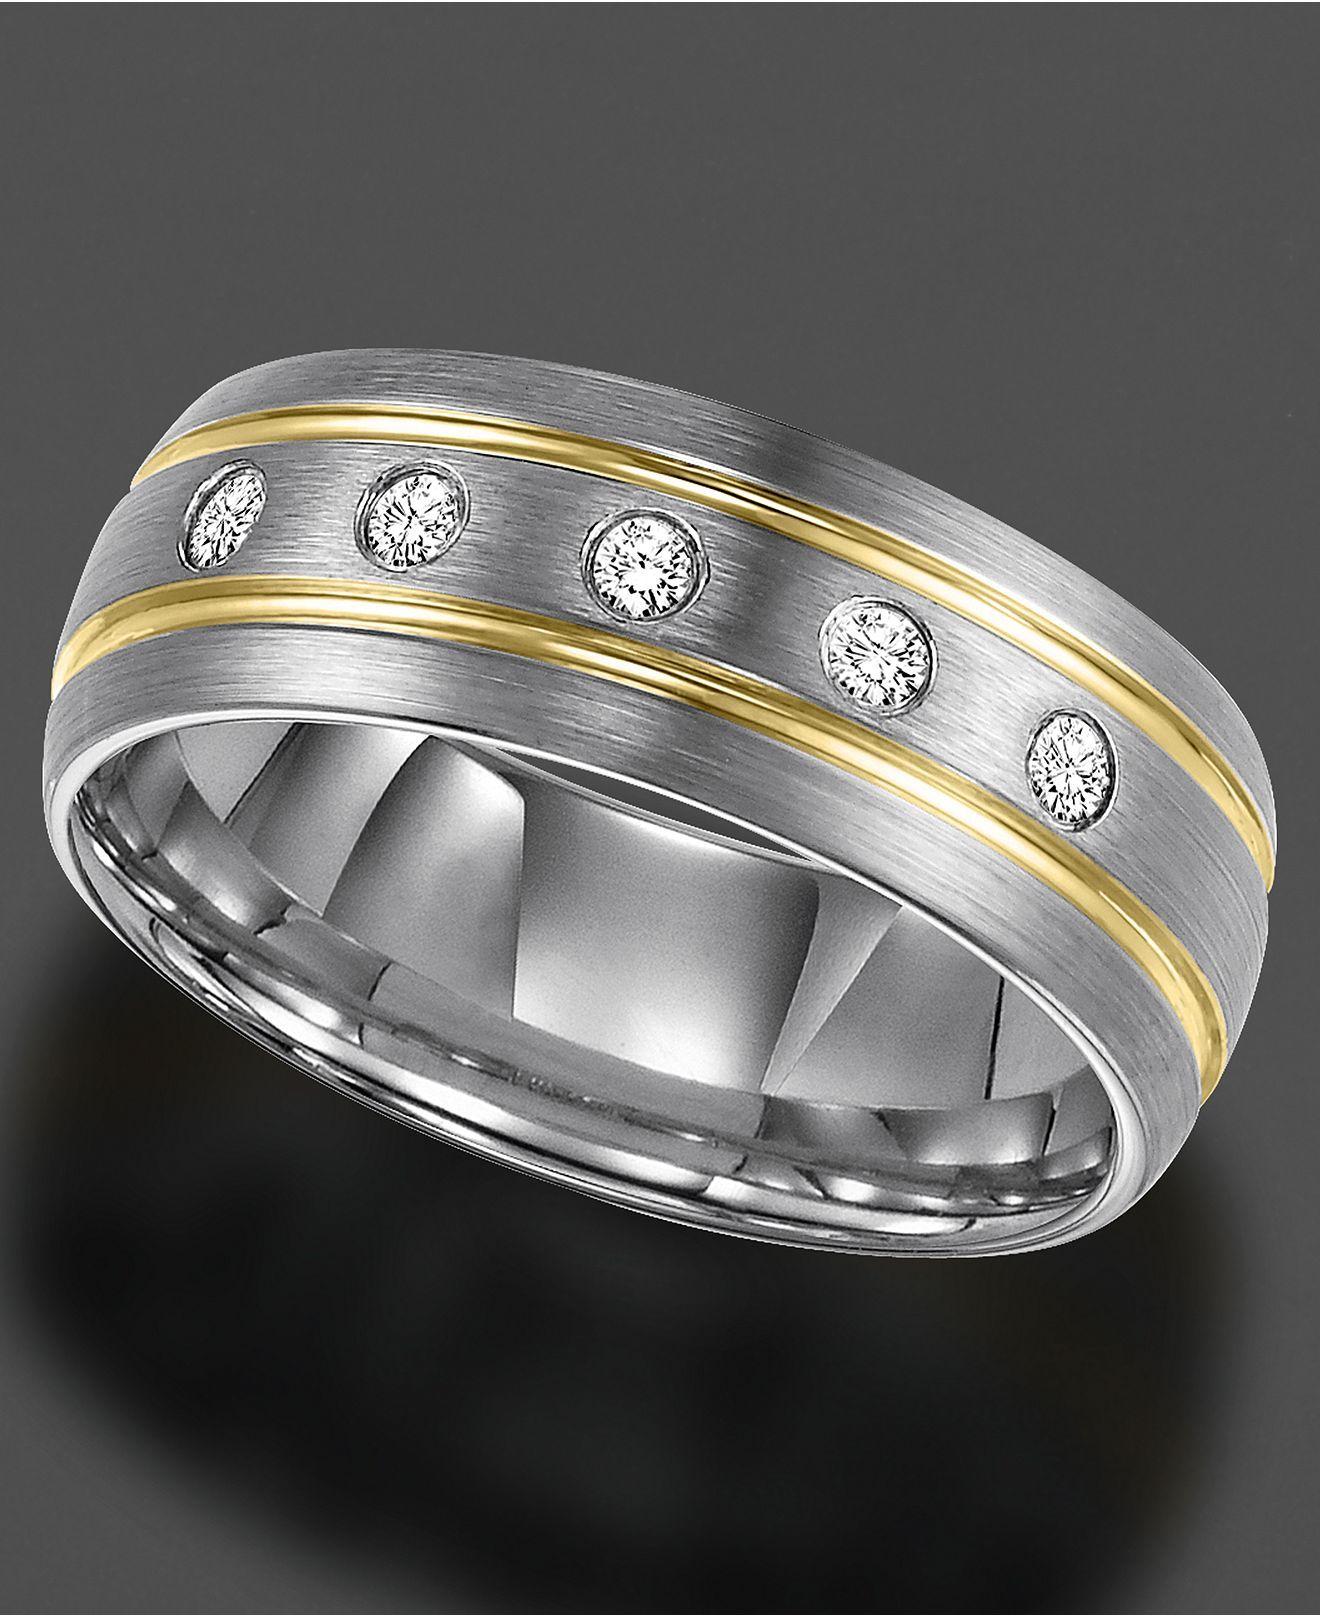 67f88c9f1e4ad9 Triton Men's Diamond Ring, Tungsten Carbide Diamond Stripe Band (1/6 ct.  t.w.) - Rings - Jewelry & Watches - Macy's